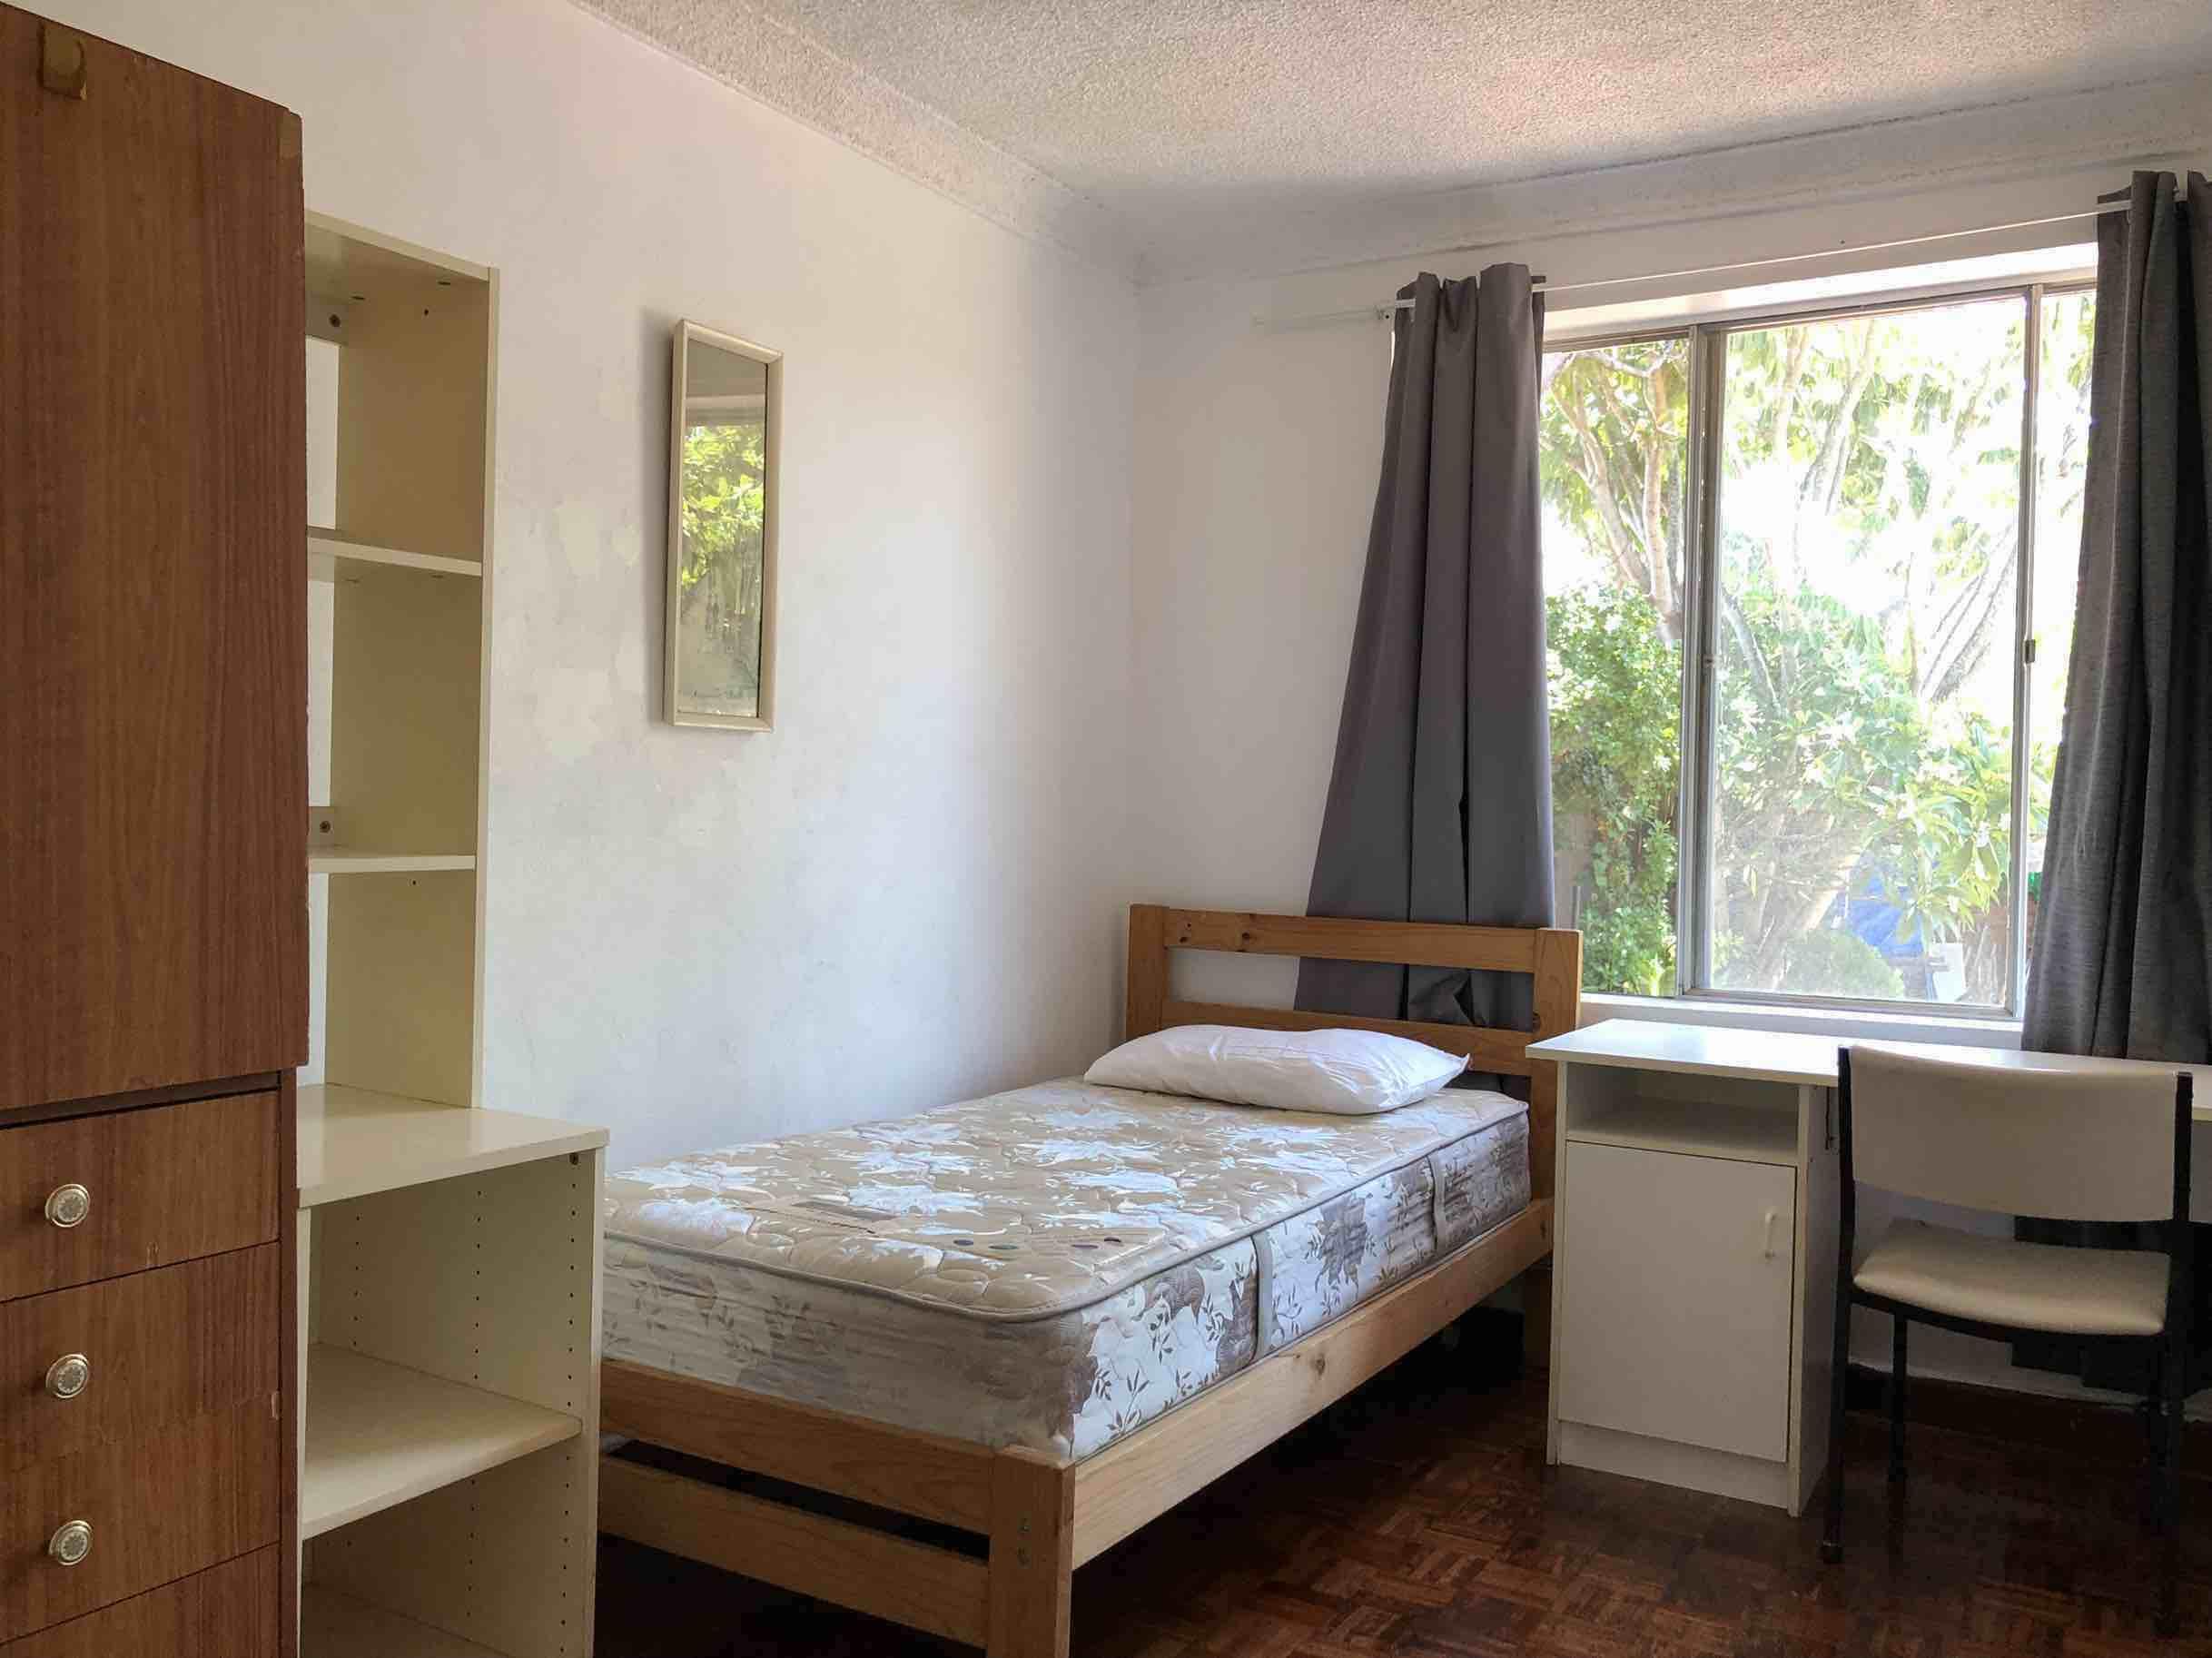 近UNSW,三房一厅整租,租约半年即可。$780,全包!